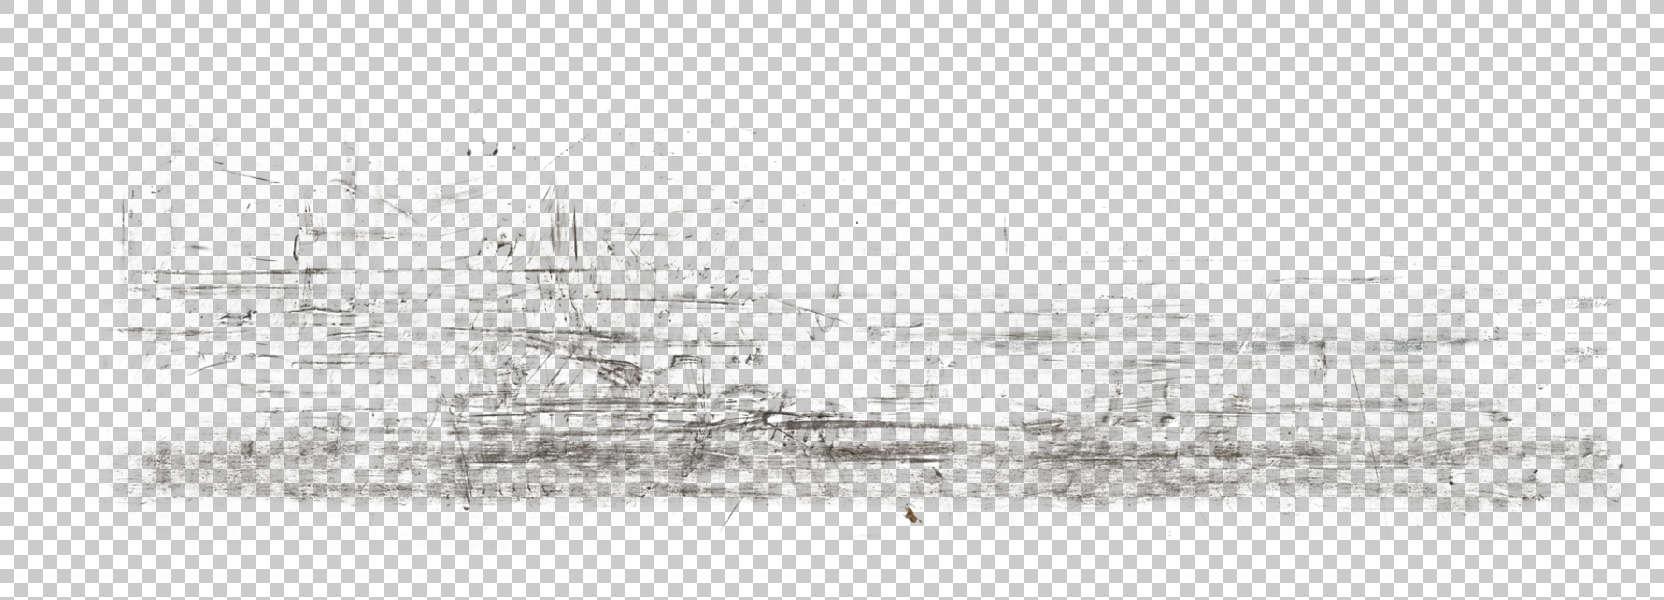 Decalbottom0054 Free Background Texture Scratches